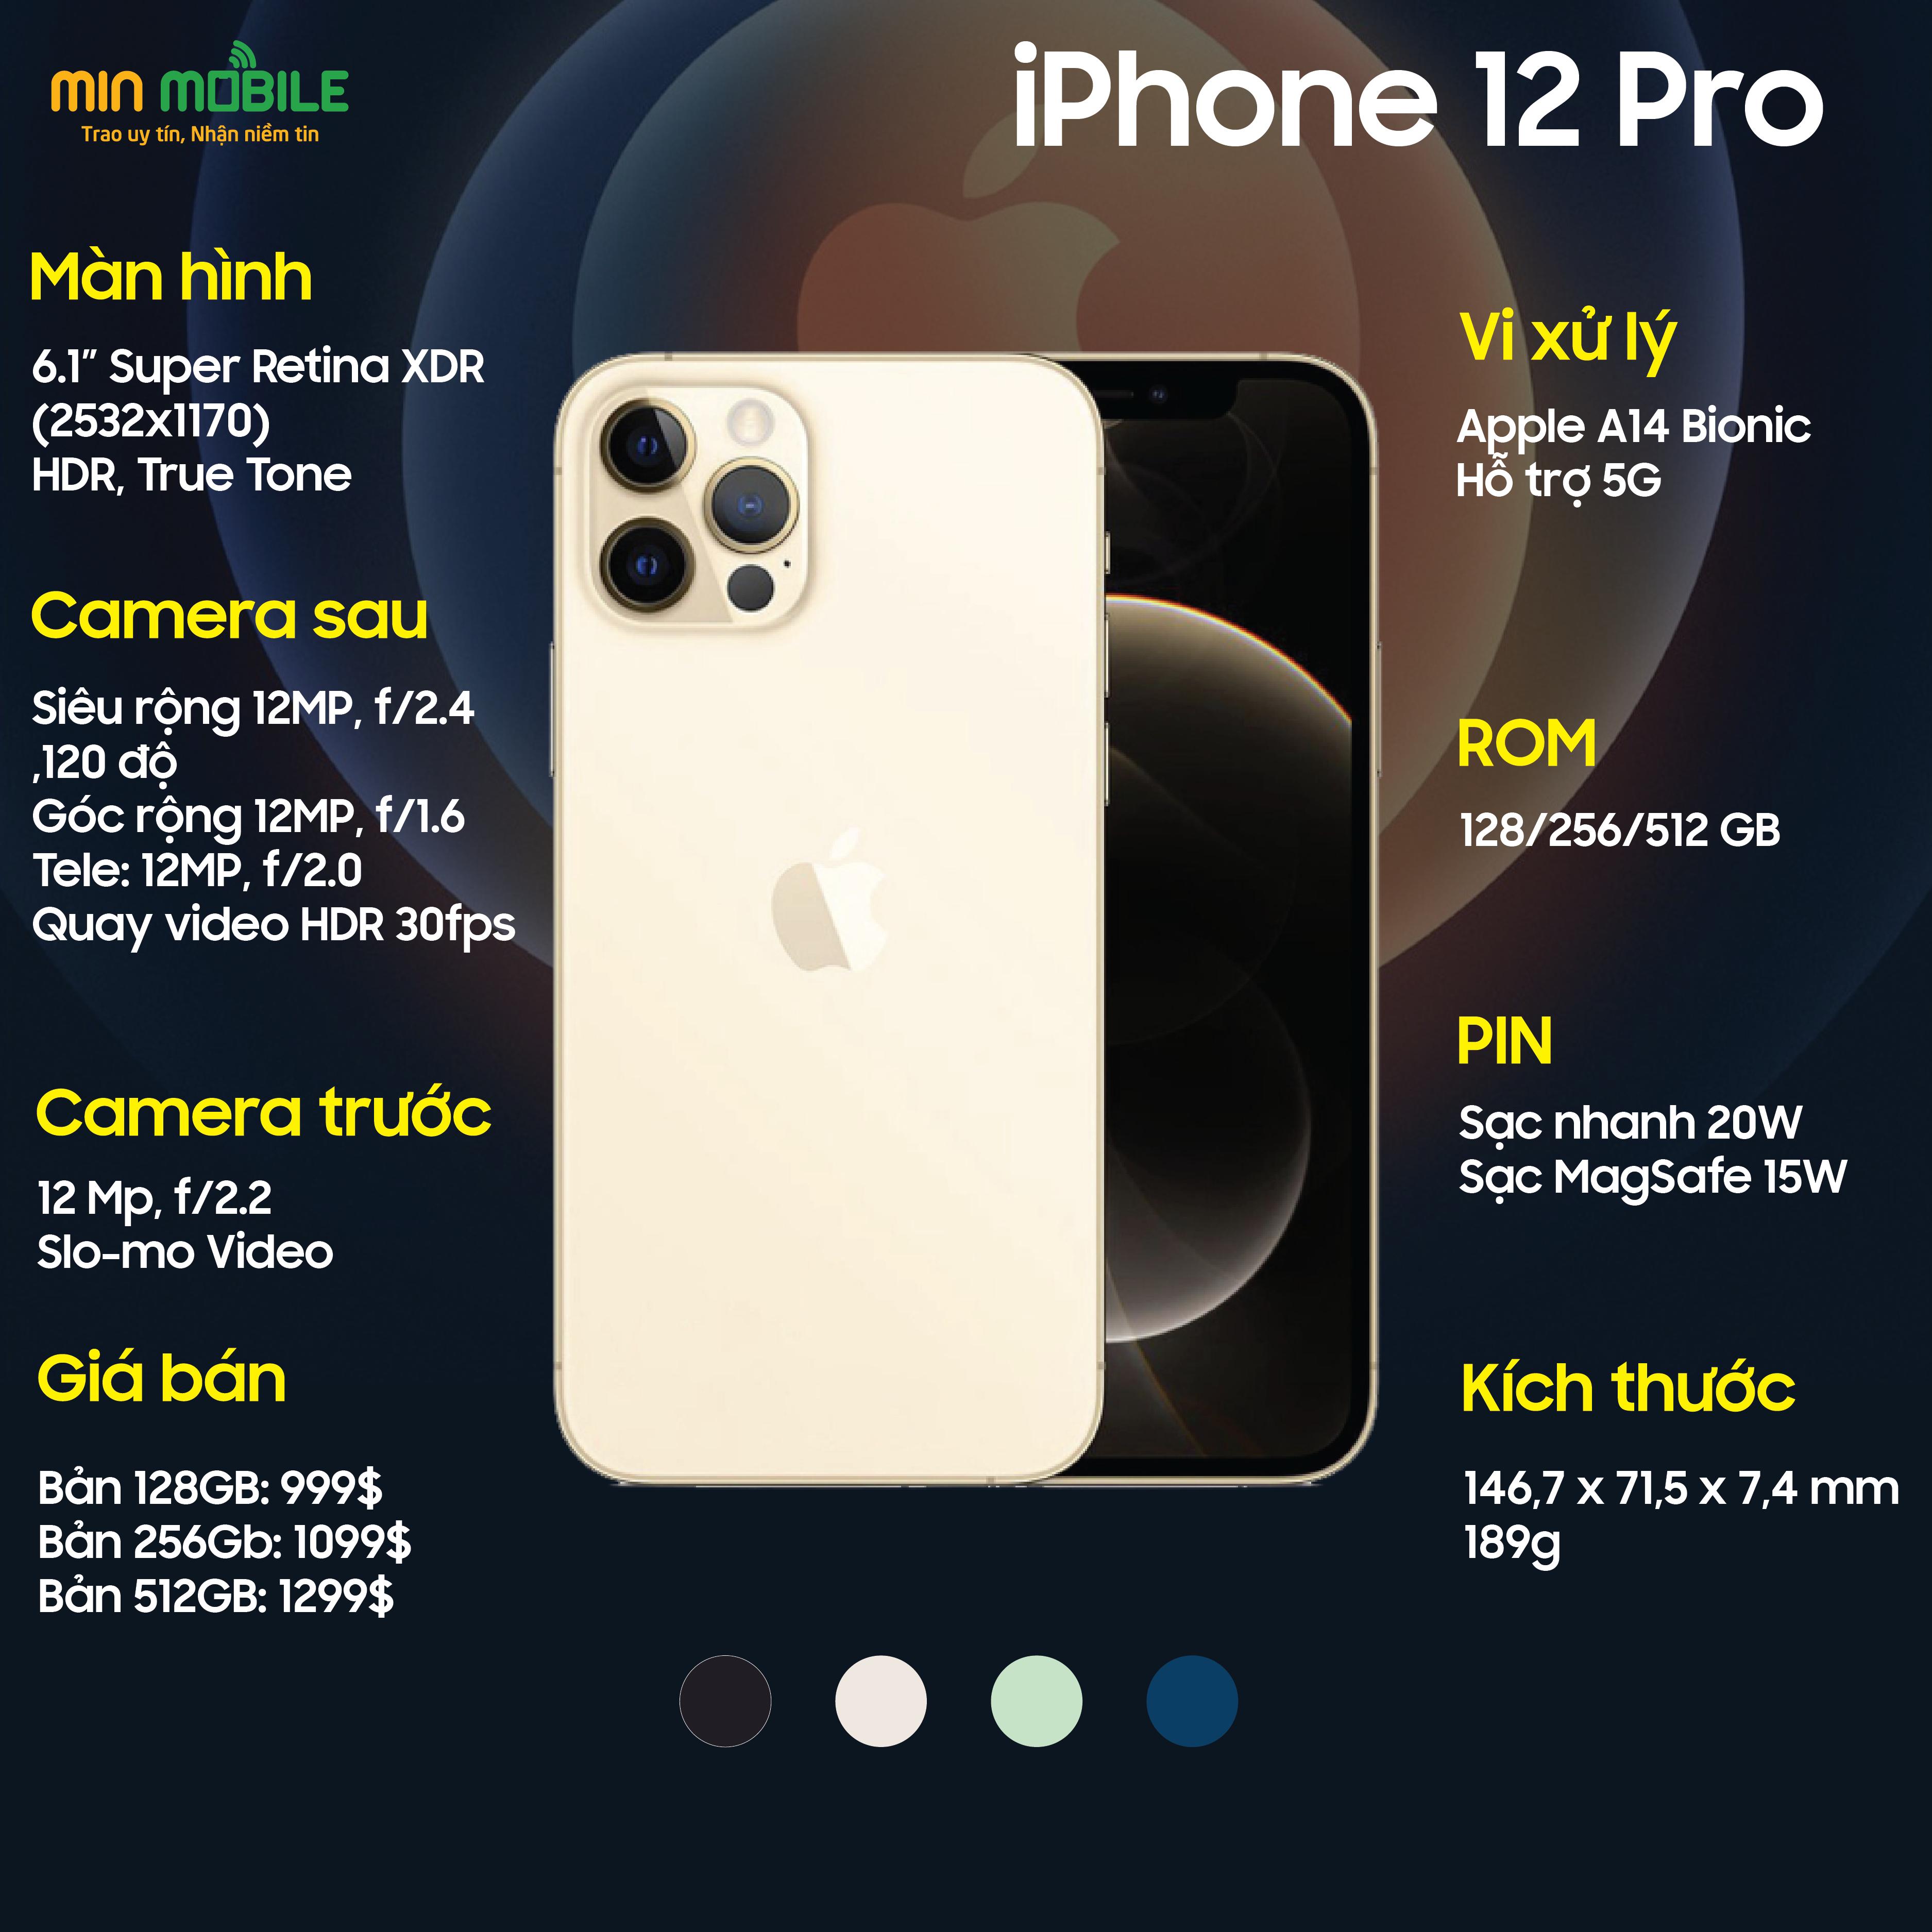 Cấu hình iPhone 12 Pro Demo xách tay hàn quốc